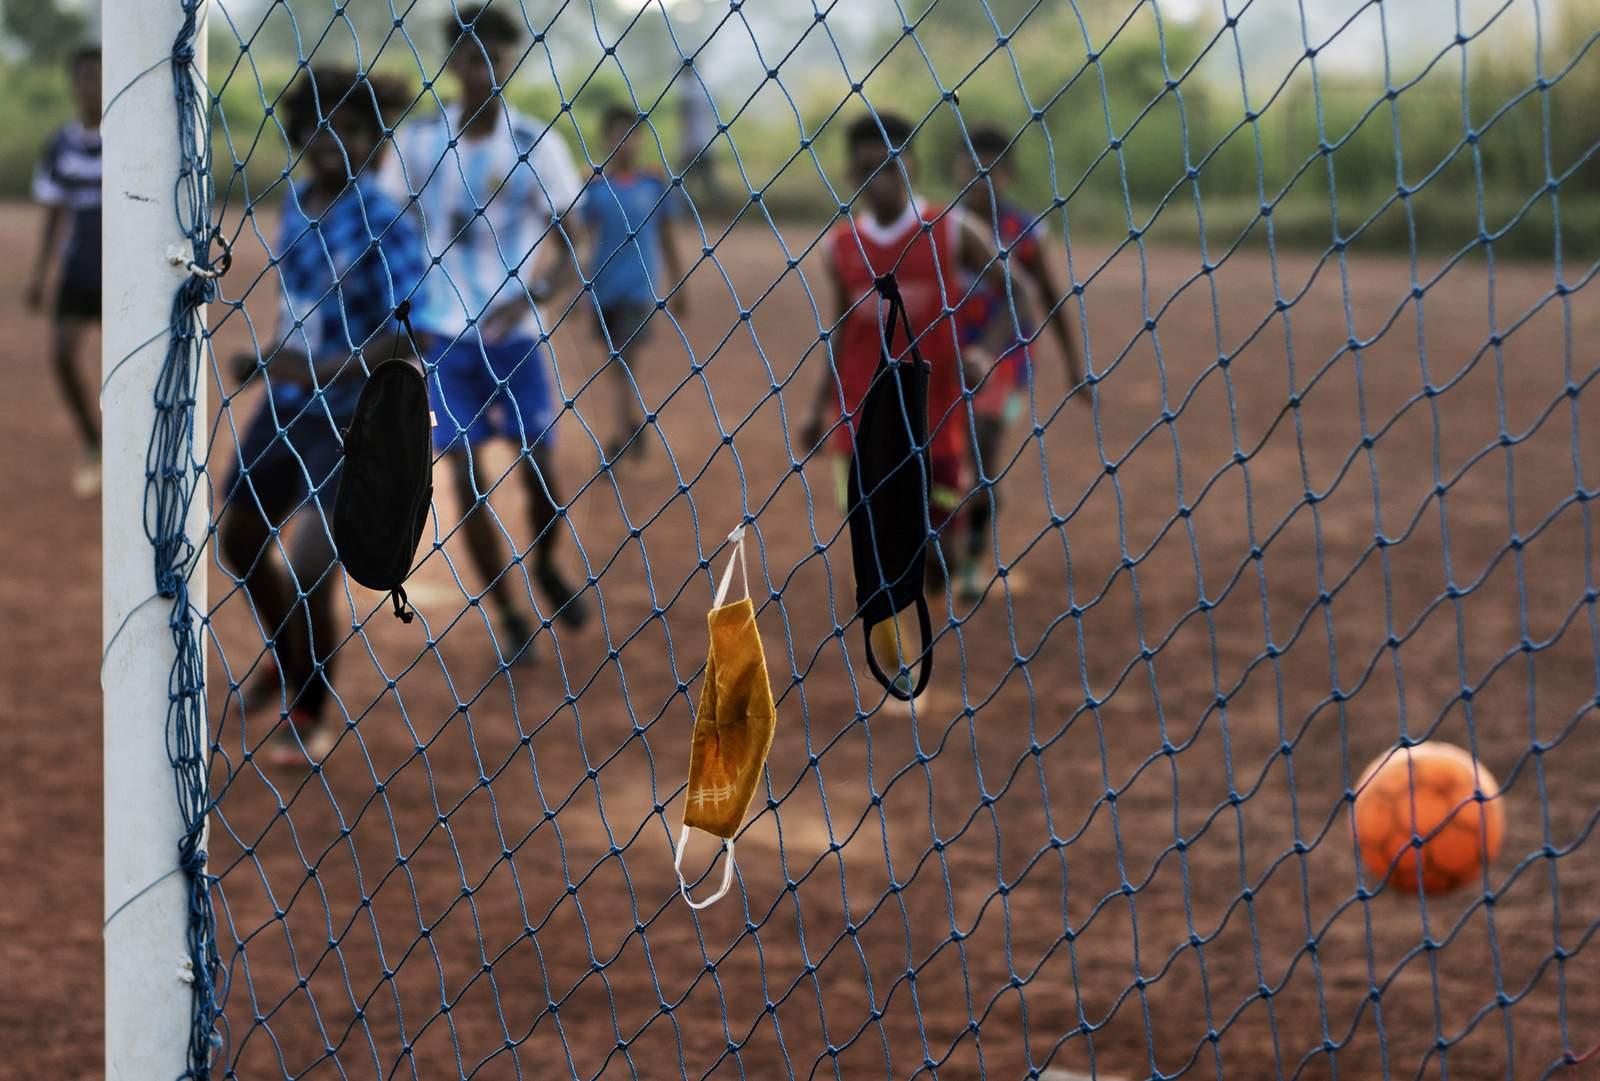 Lo último: 321 infectados en una fábrica de ropa en Sri Lanka